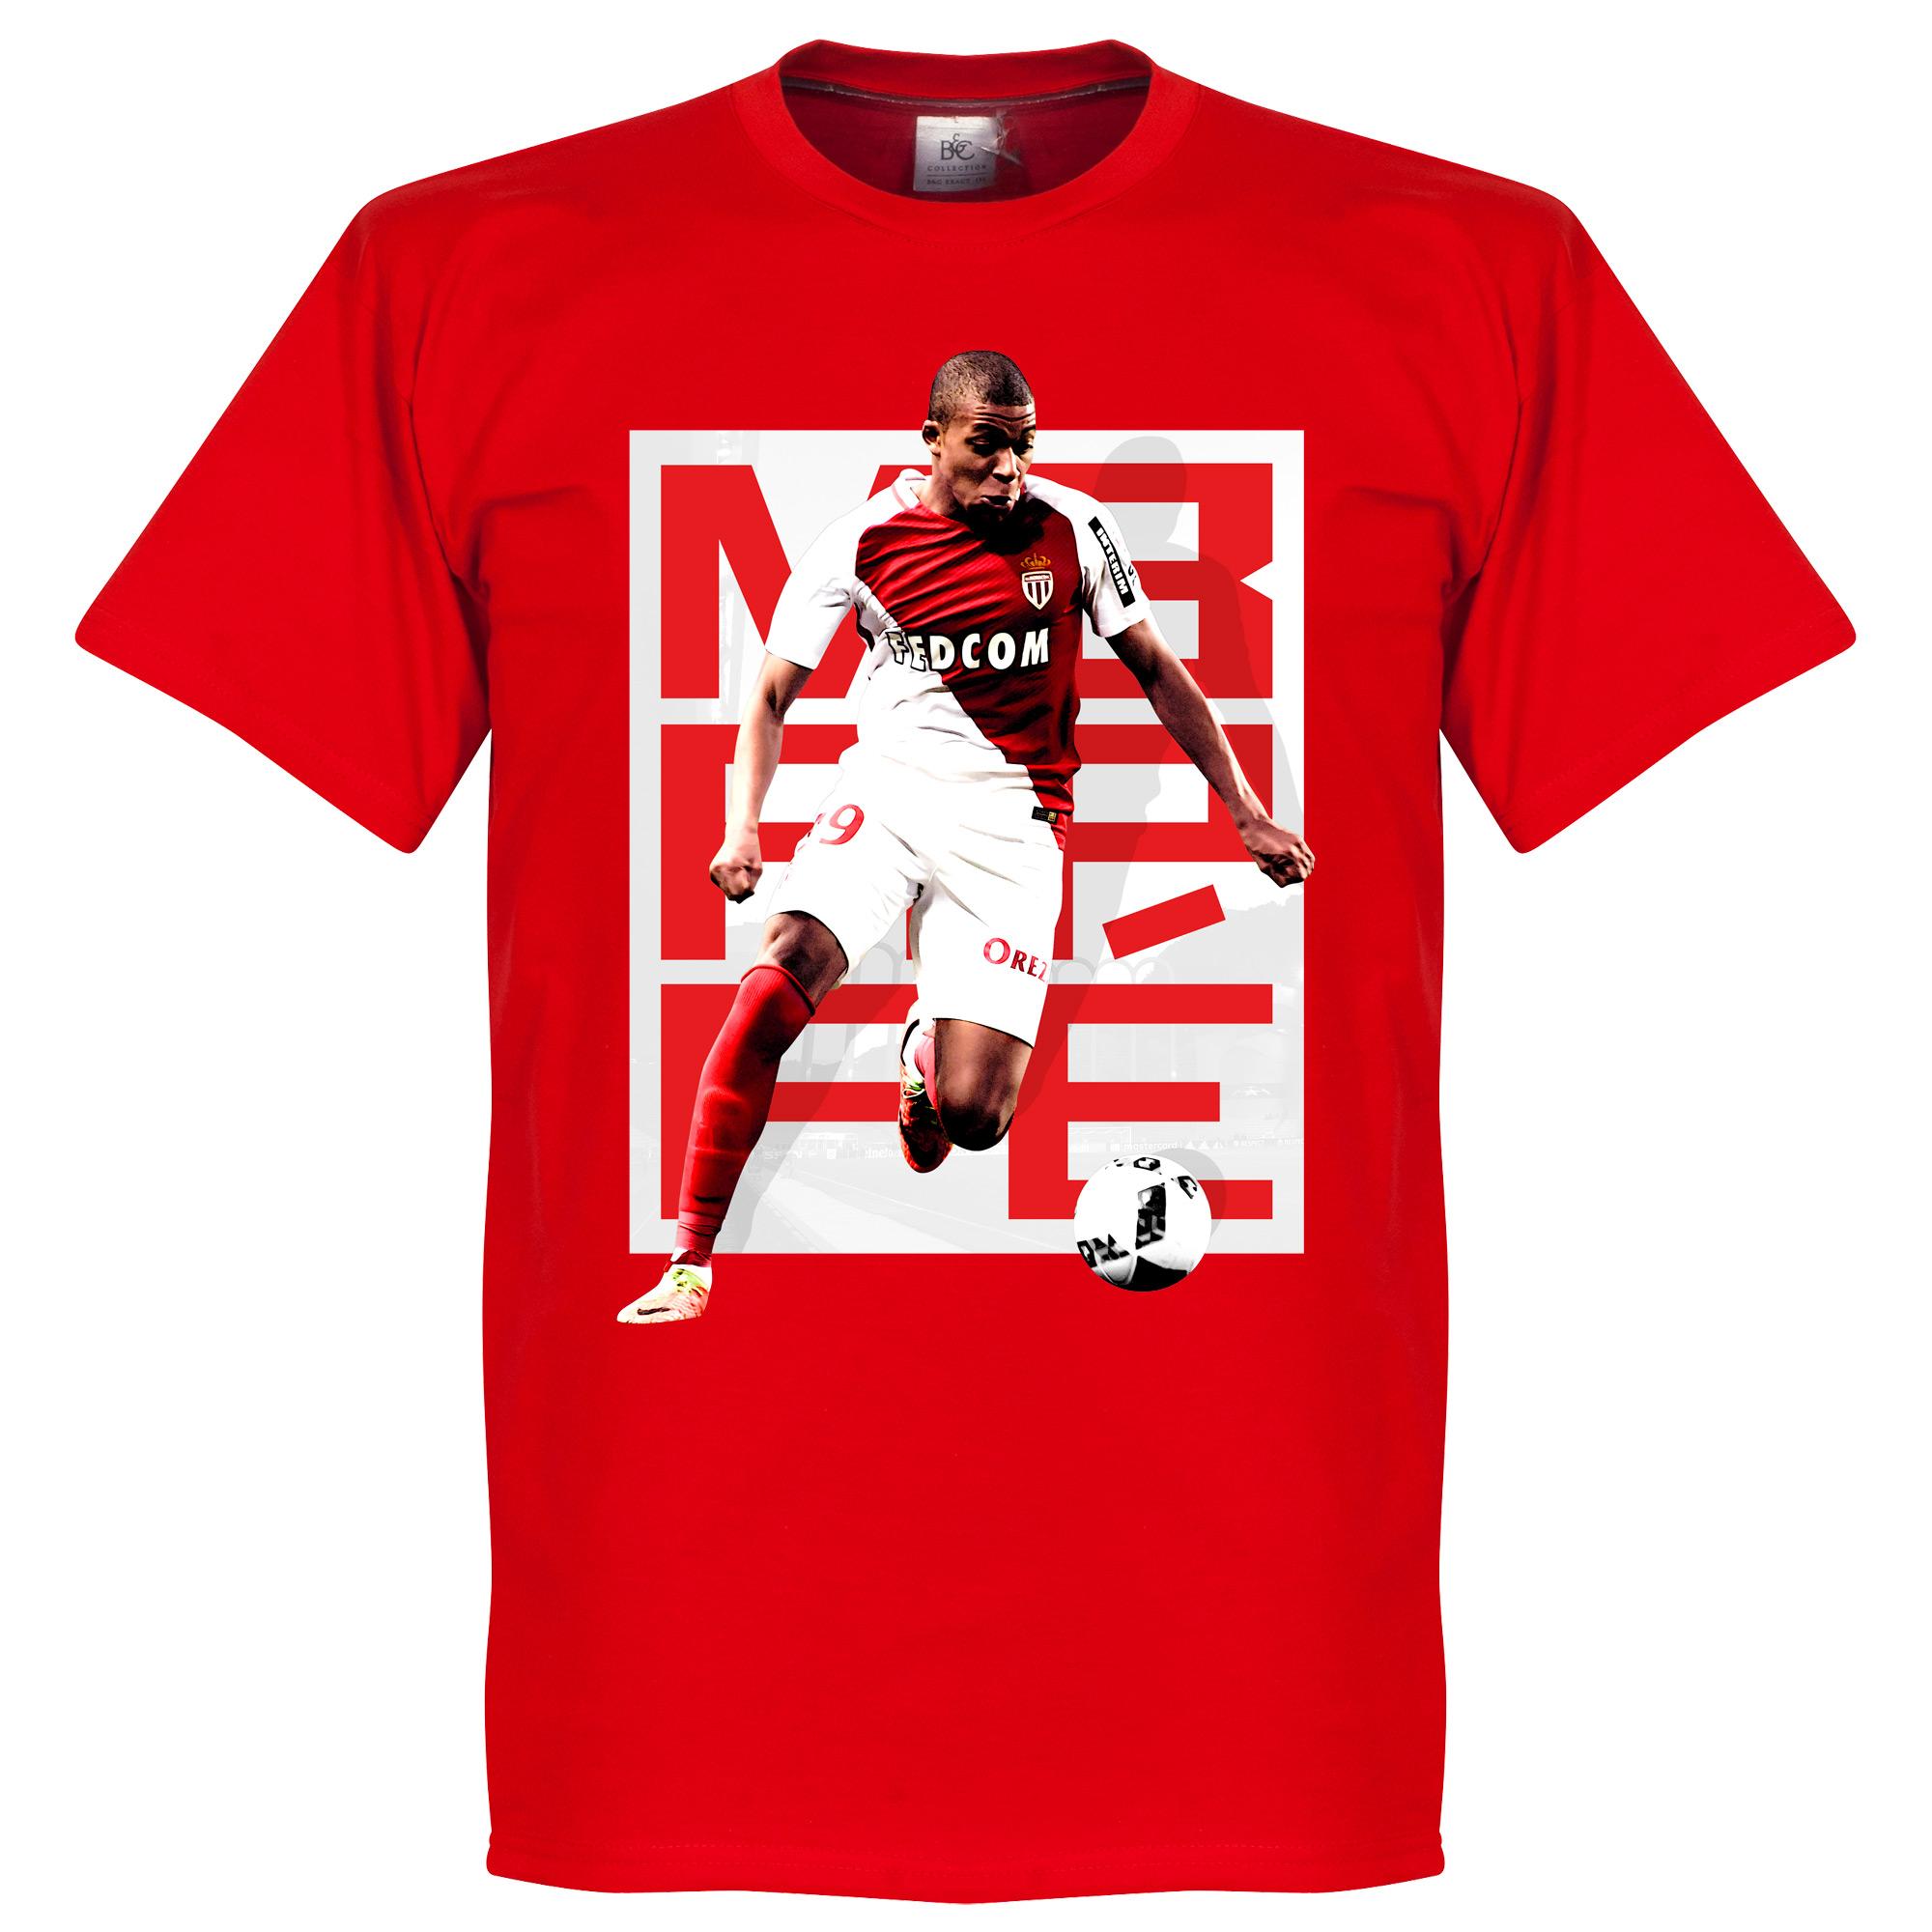 Mbappe Monaco Tee - Red - XXL